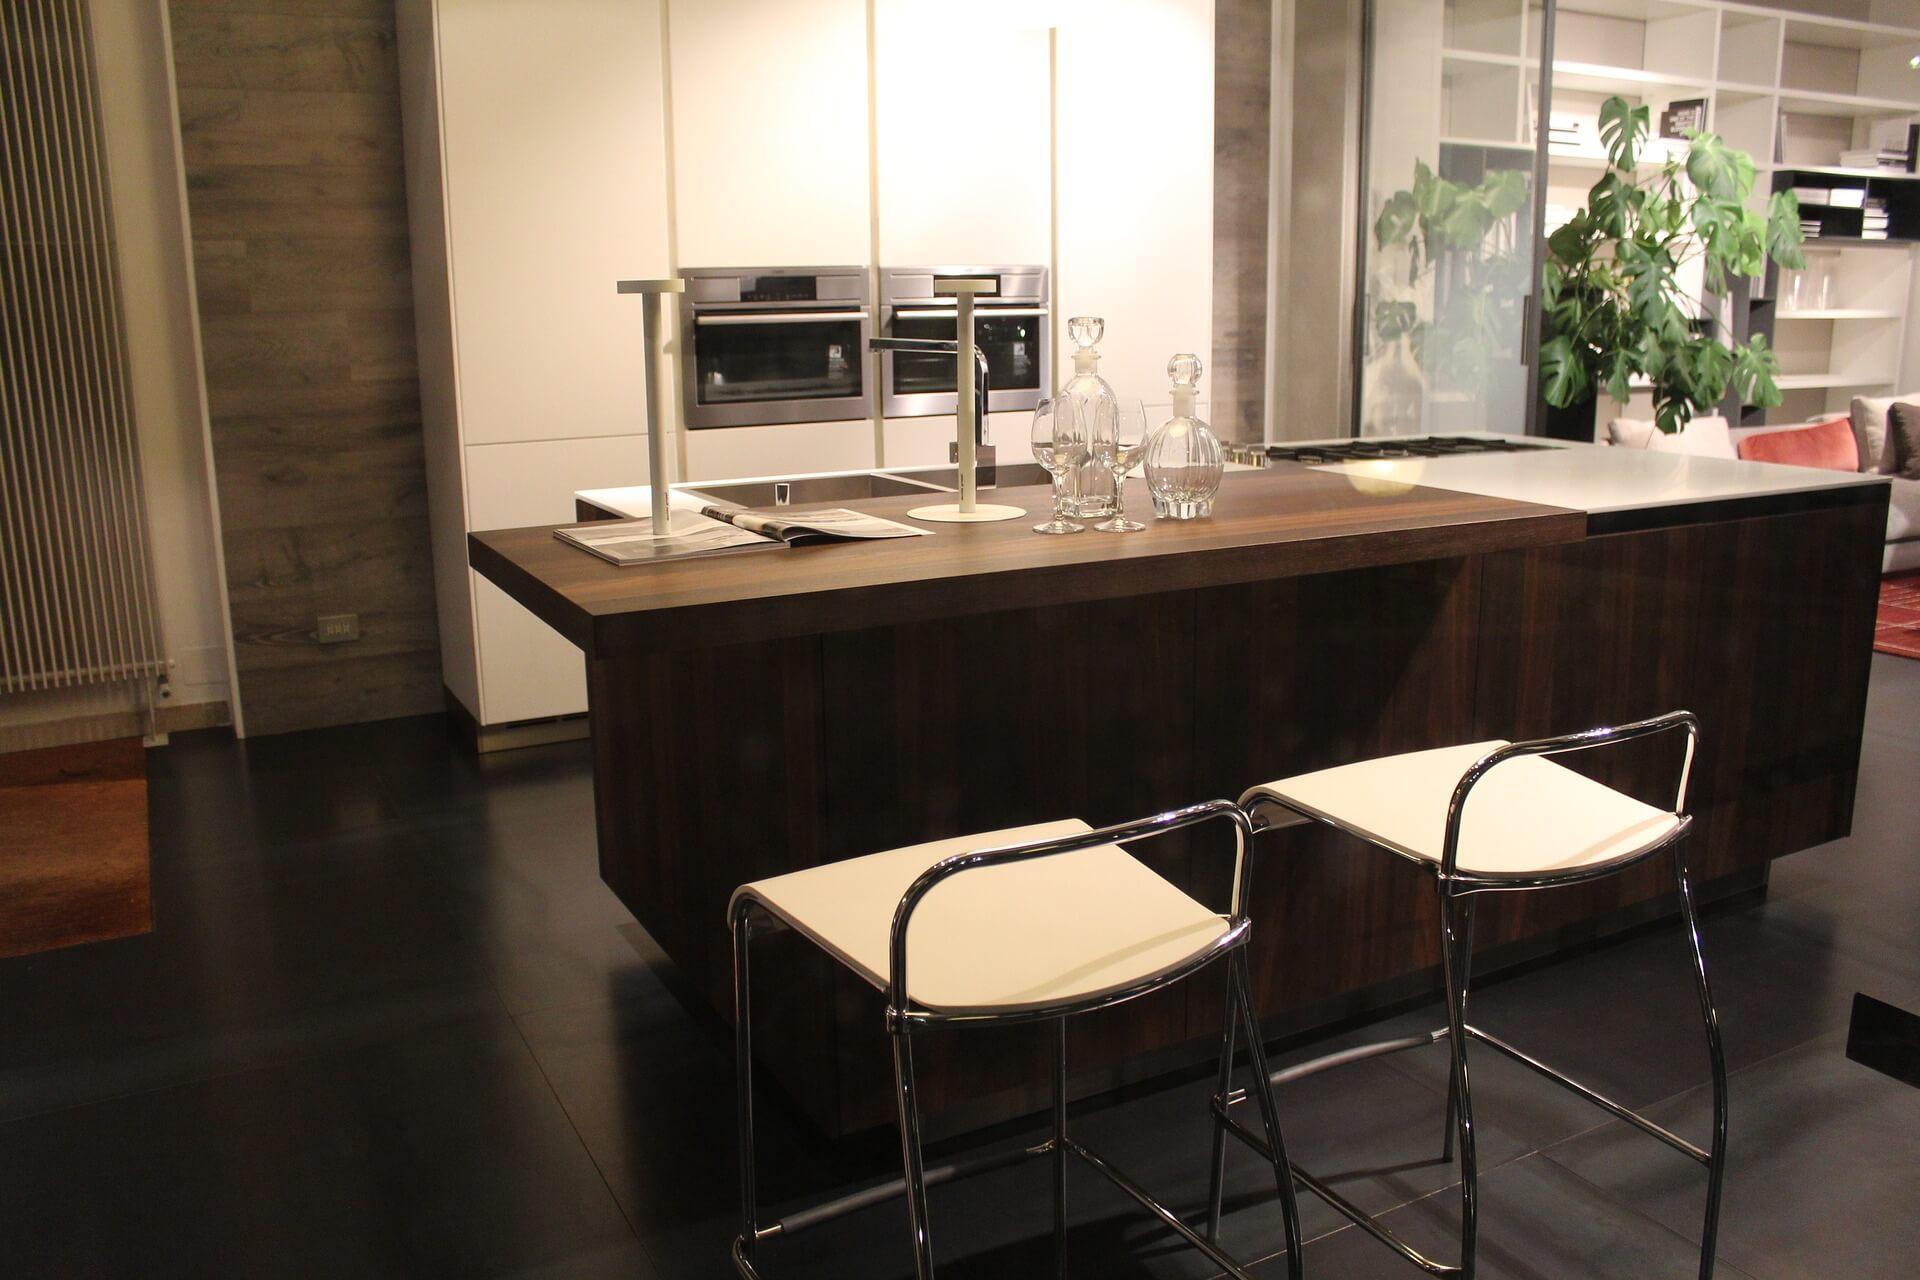 Modern Kitchen Furniture Design Ideas – Interior Design Design